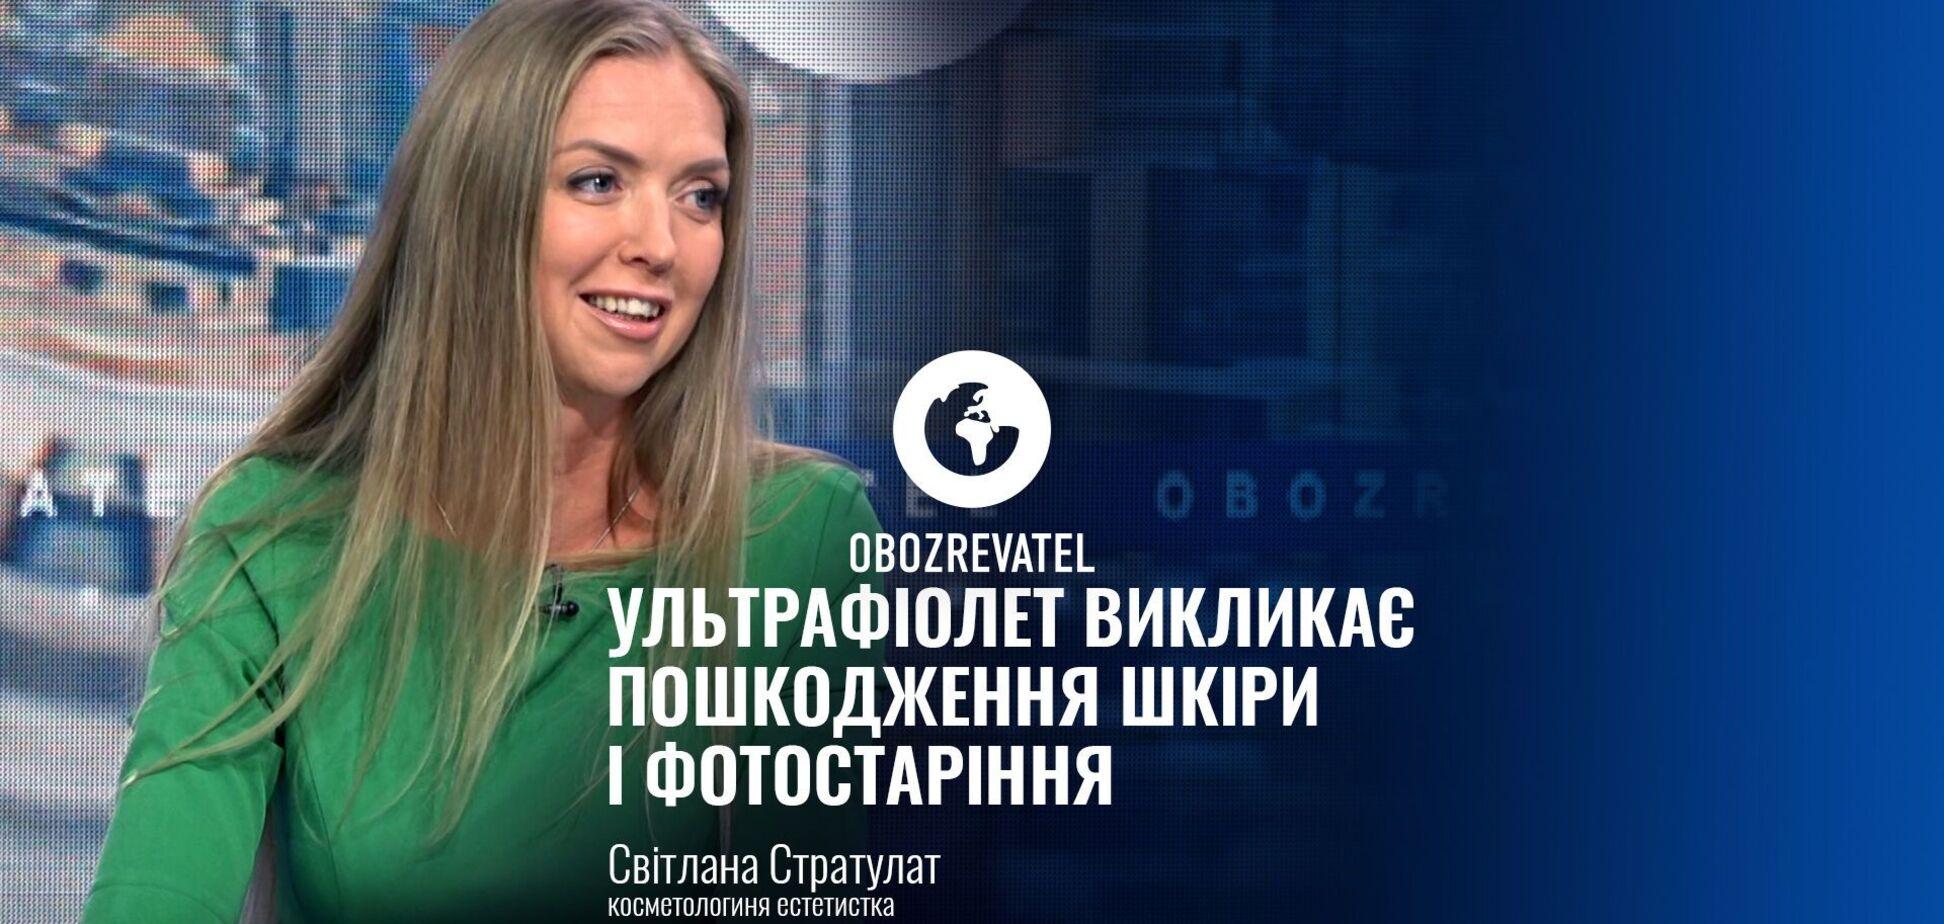 Светлана Стратулат: Ультрафиолет вызывает повреждения кожи и фотостарение